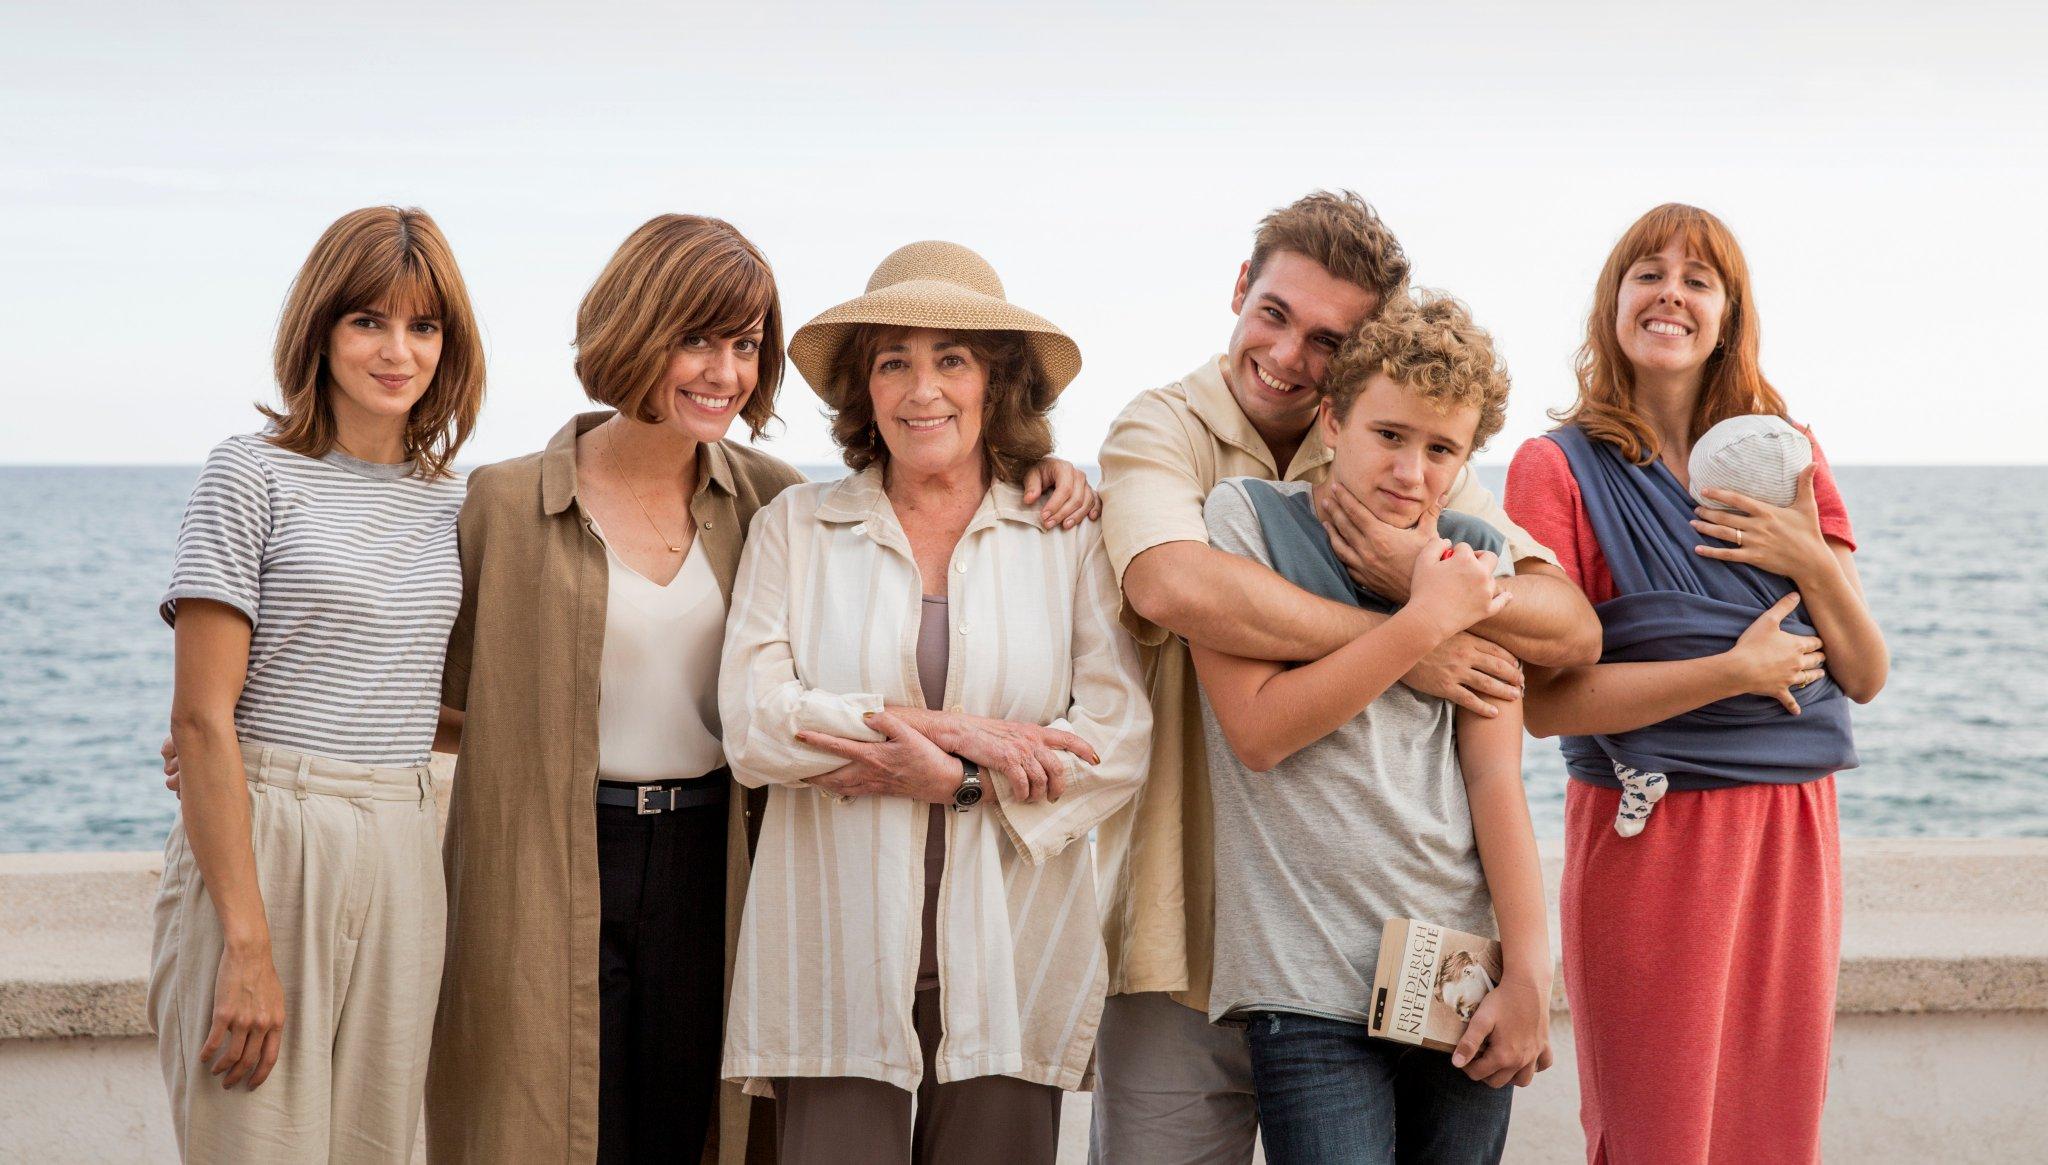 Carmen Maura, Clara Lago, Alexandra Jiménez, Carlos Cuevas, Paula Malia, and León Martínez in Gente que viene y bah (2019)